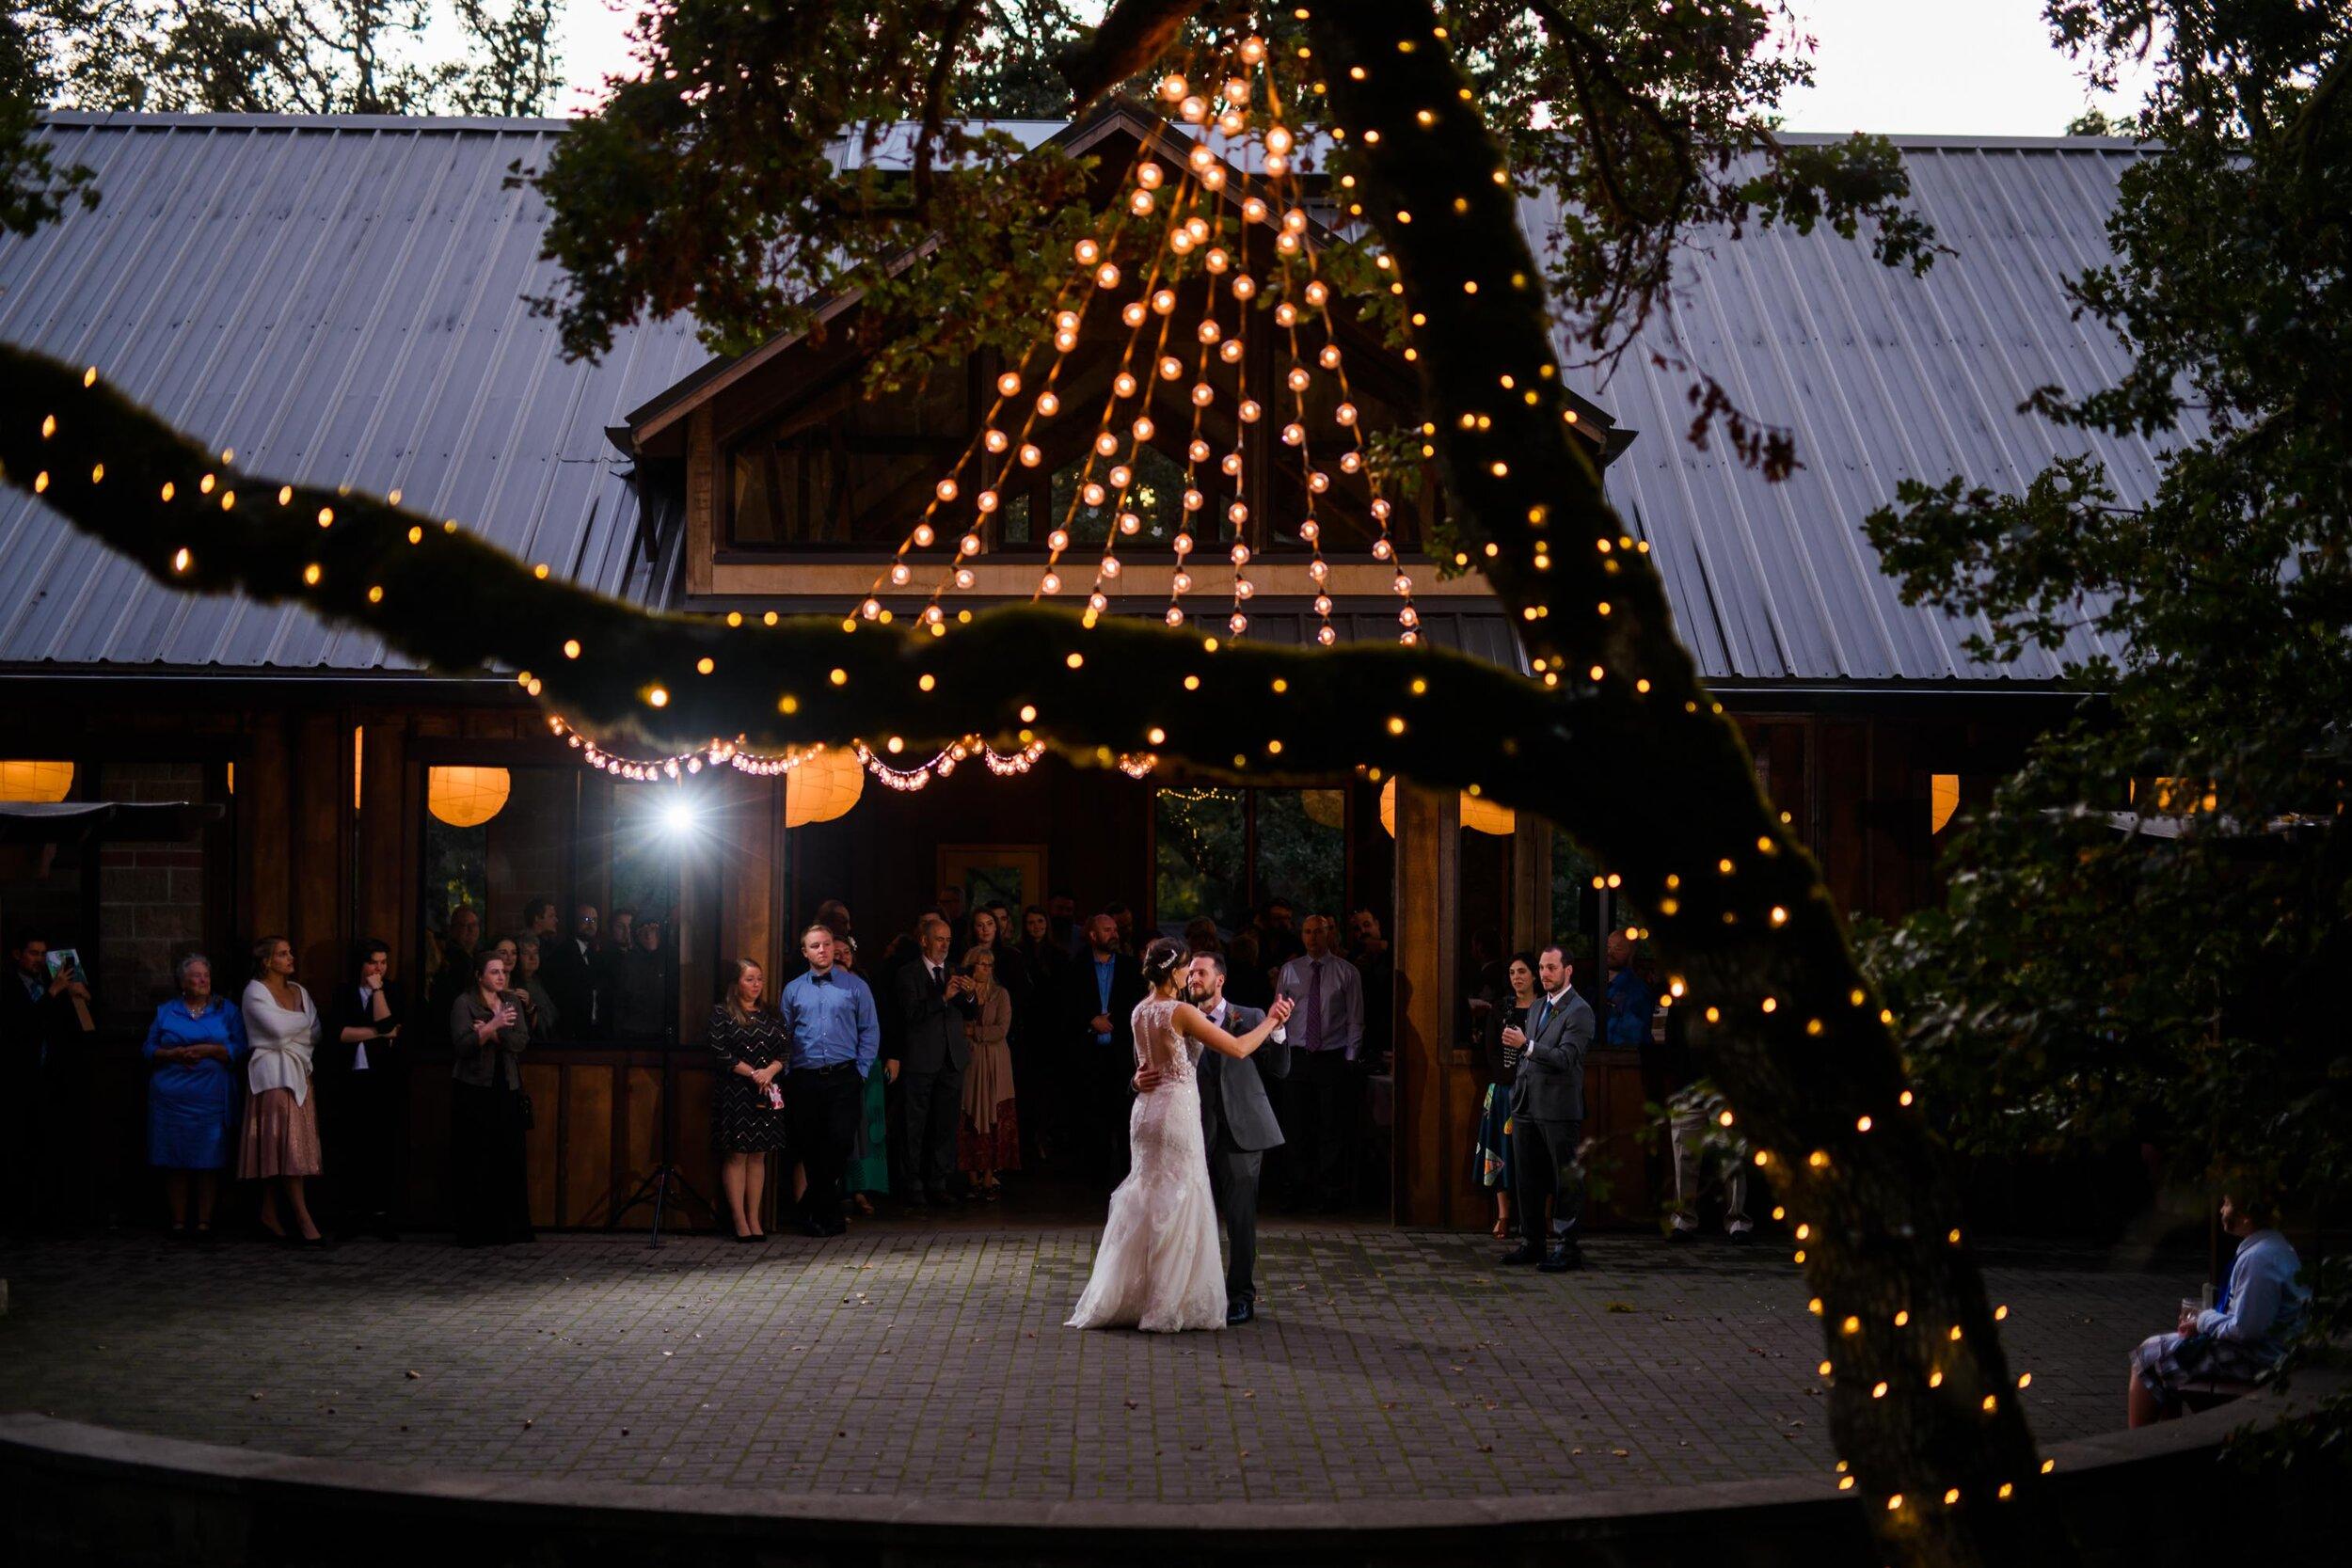 Mt. Pisgah Arboretum wedding photos 128.JPG